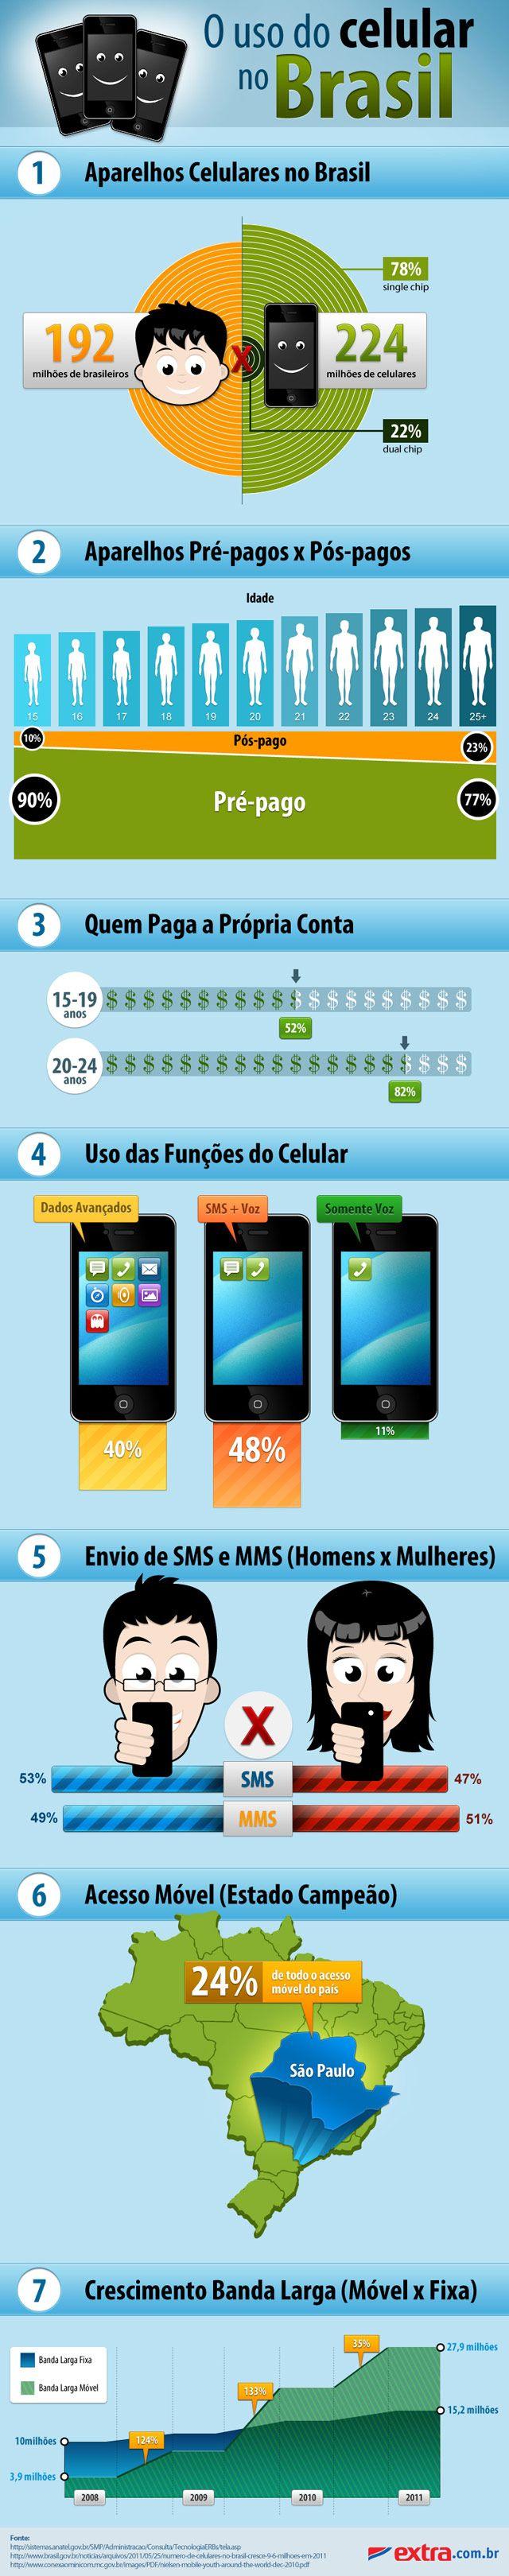 O uso do celular no Brasil. [infográfico]